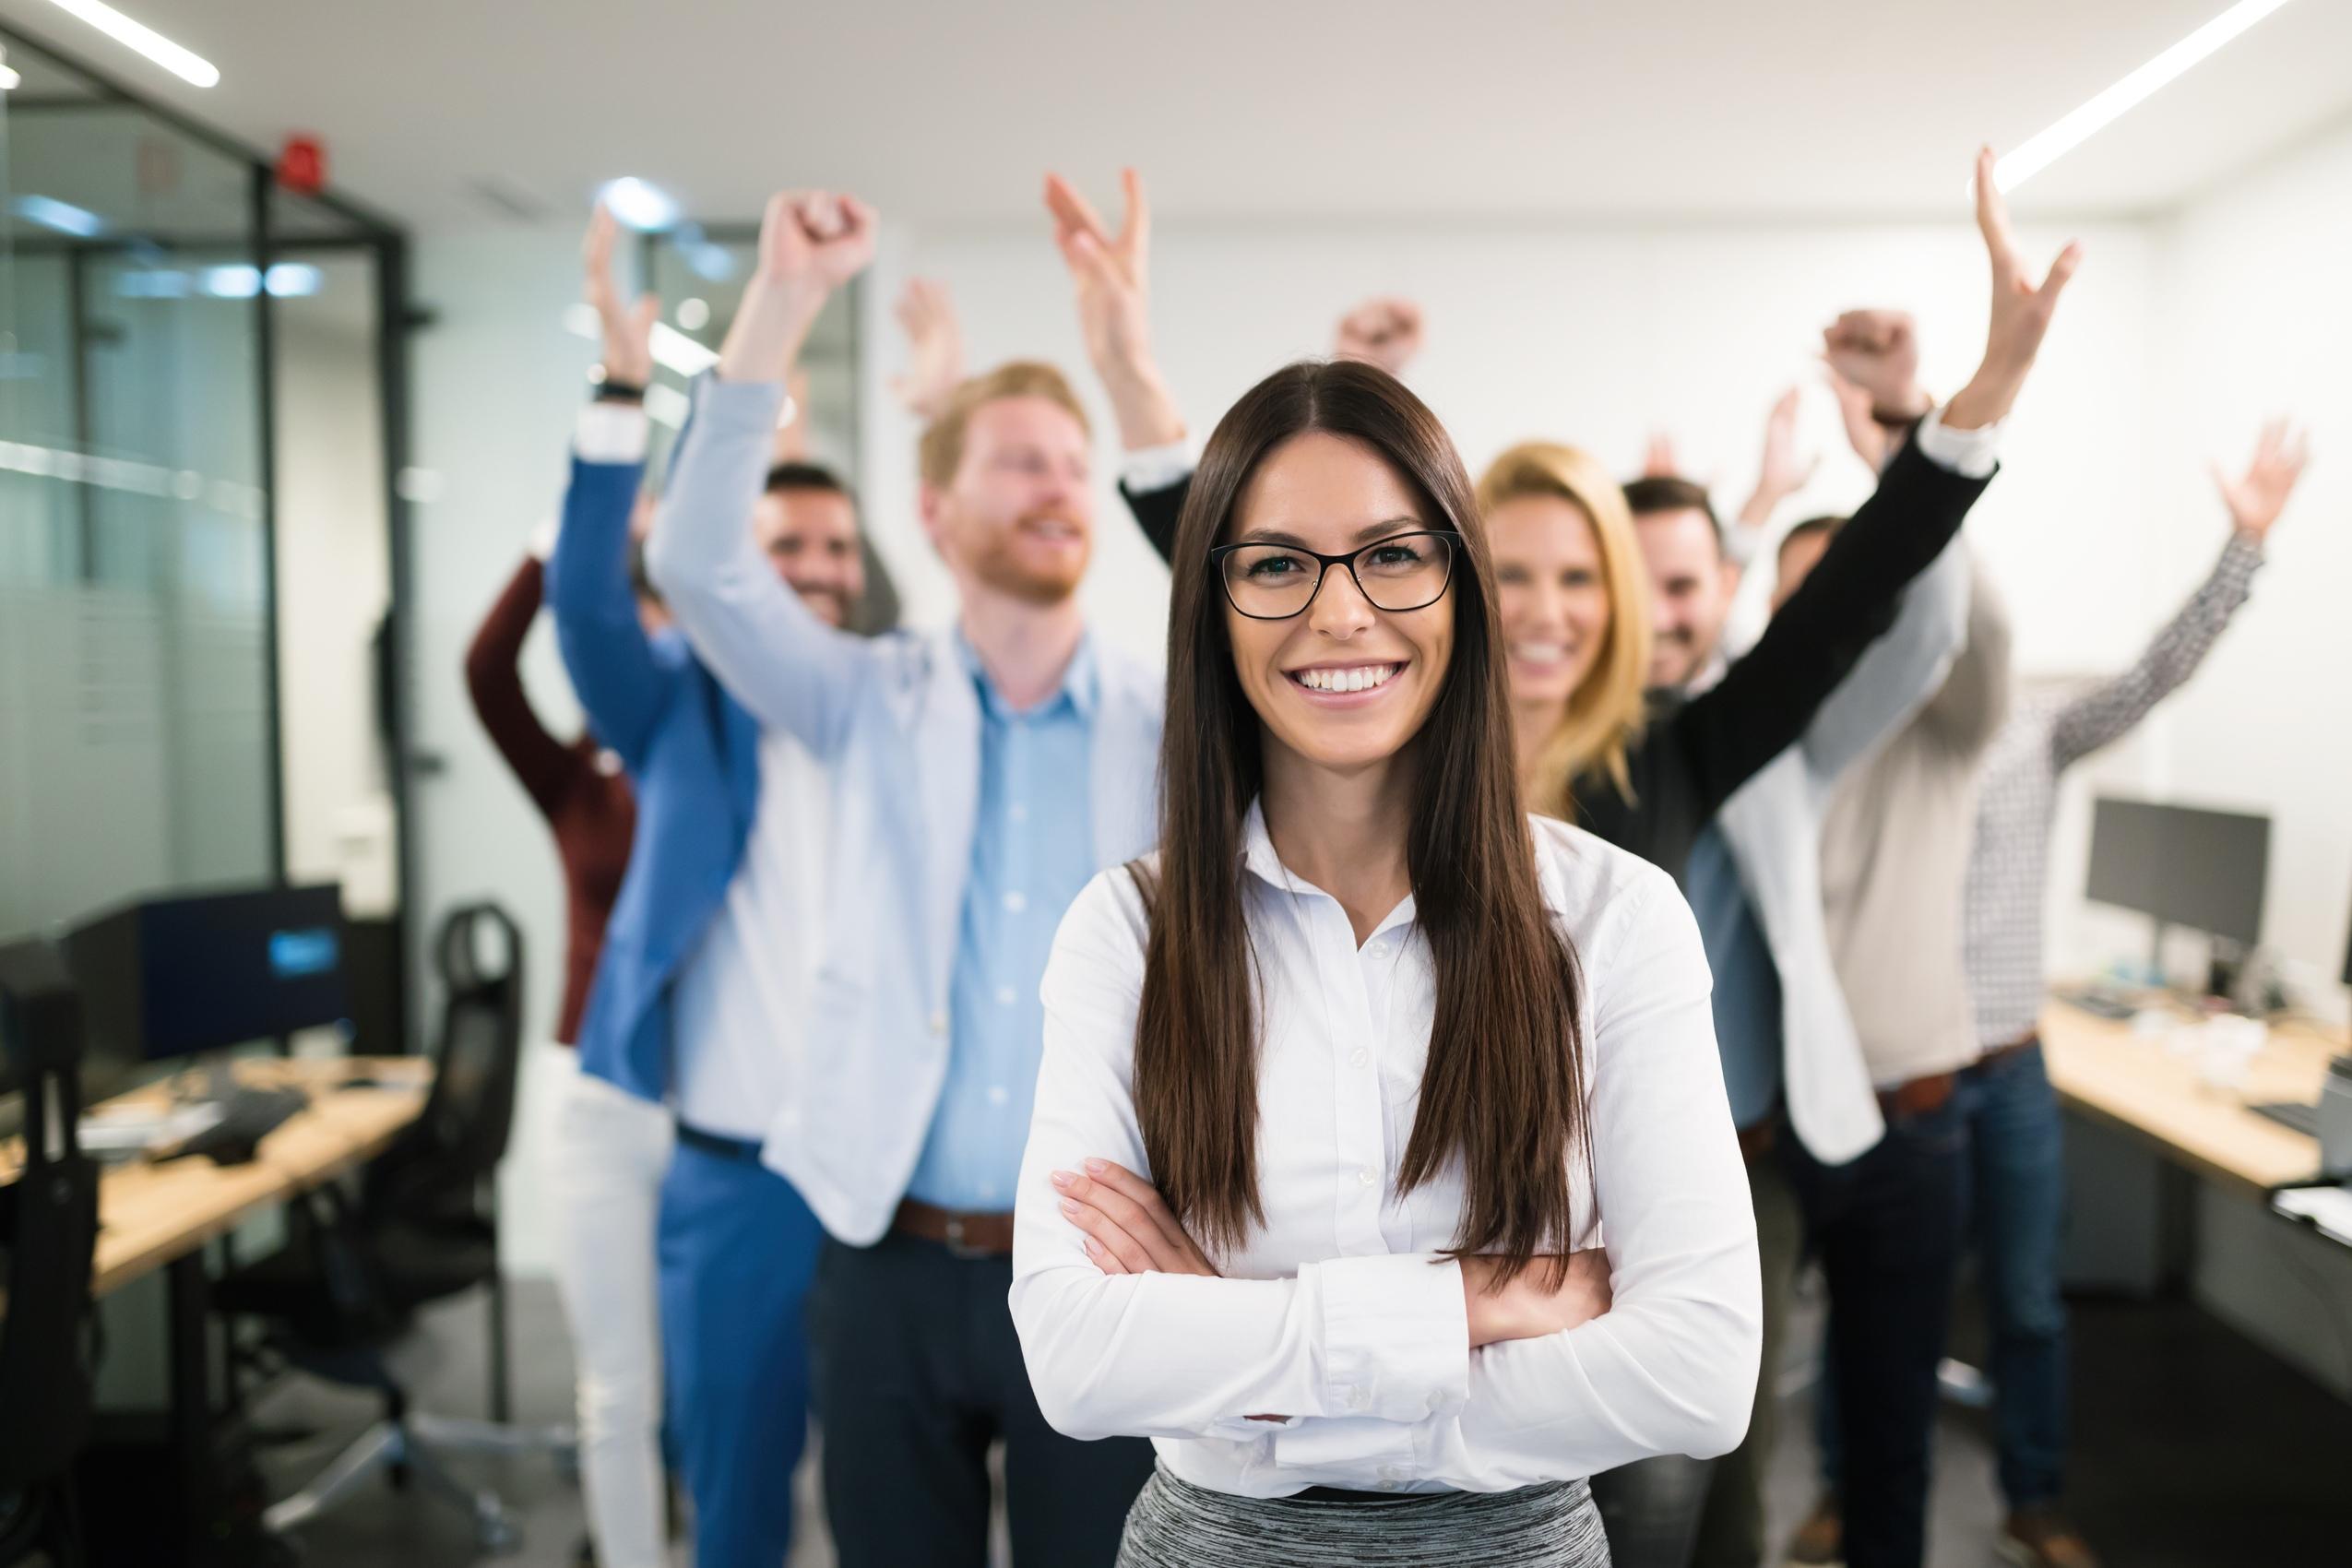 קורסים לשיפור מיומנויות בתחום שרות ושימור לקוחות ומכירות